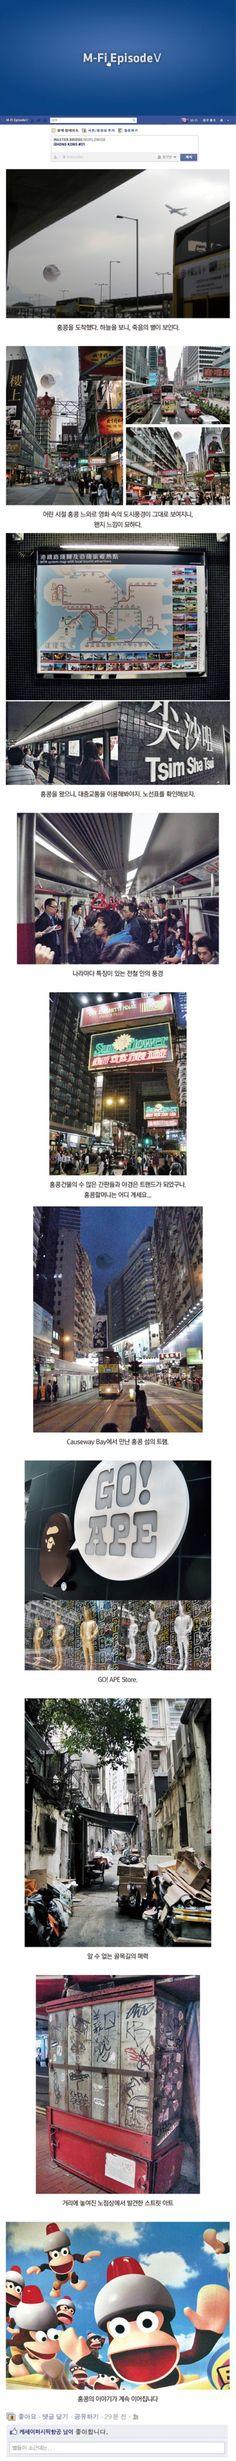 M-Fi《Episode》∥ Art & Culture // WORLD WIDE :: Hong Kong : 네이버 블로그